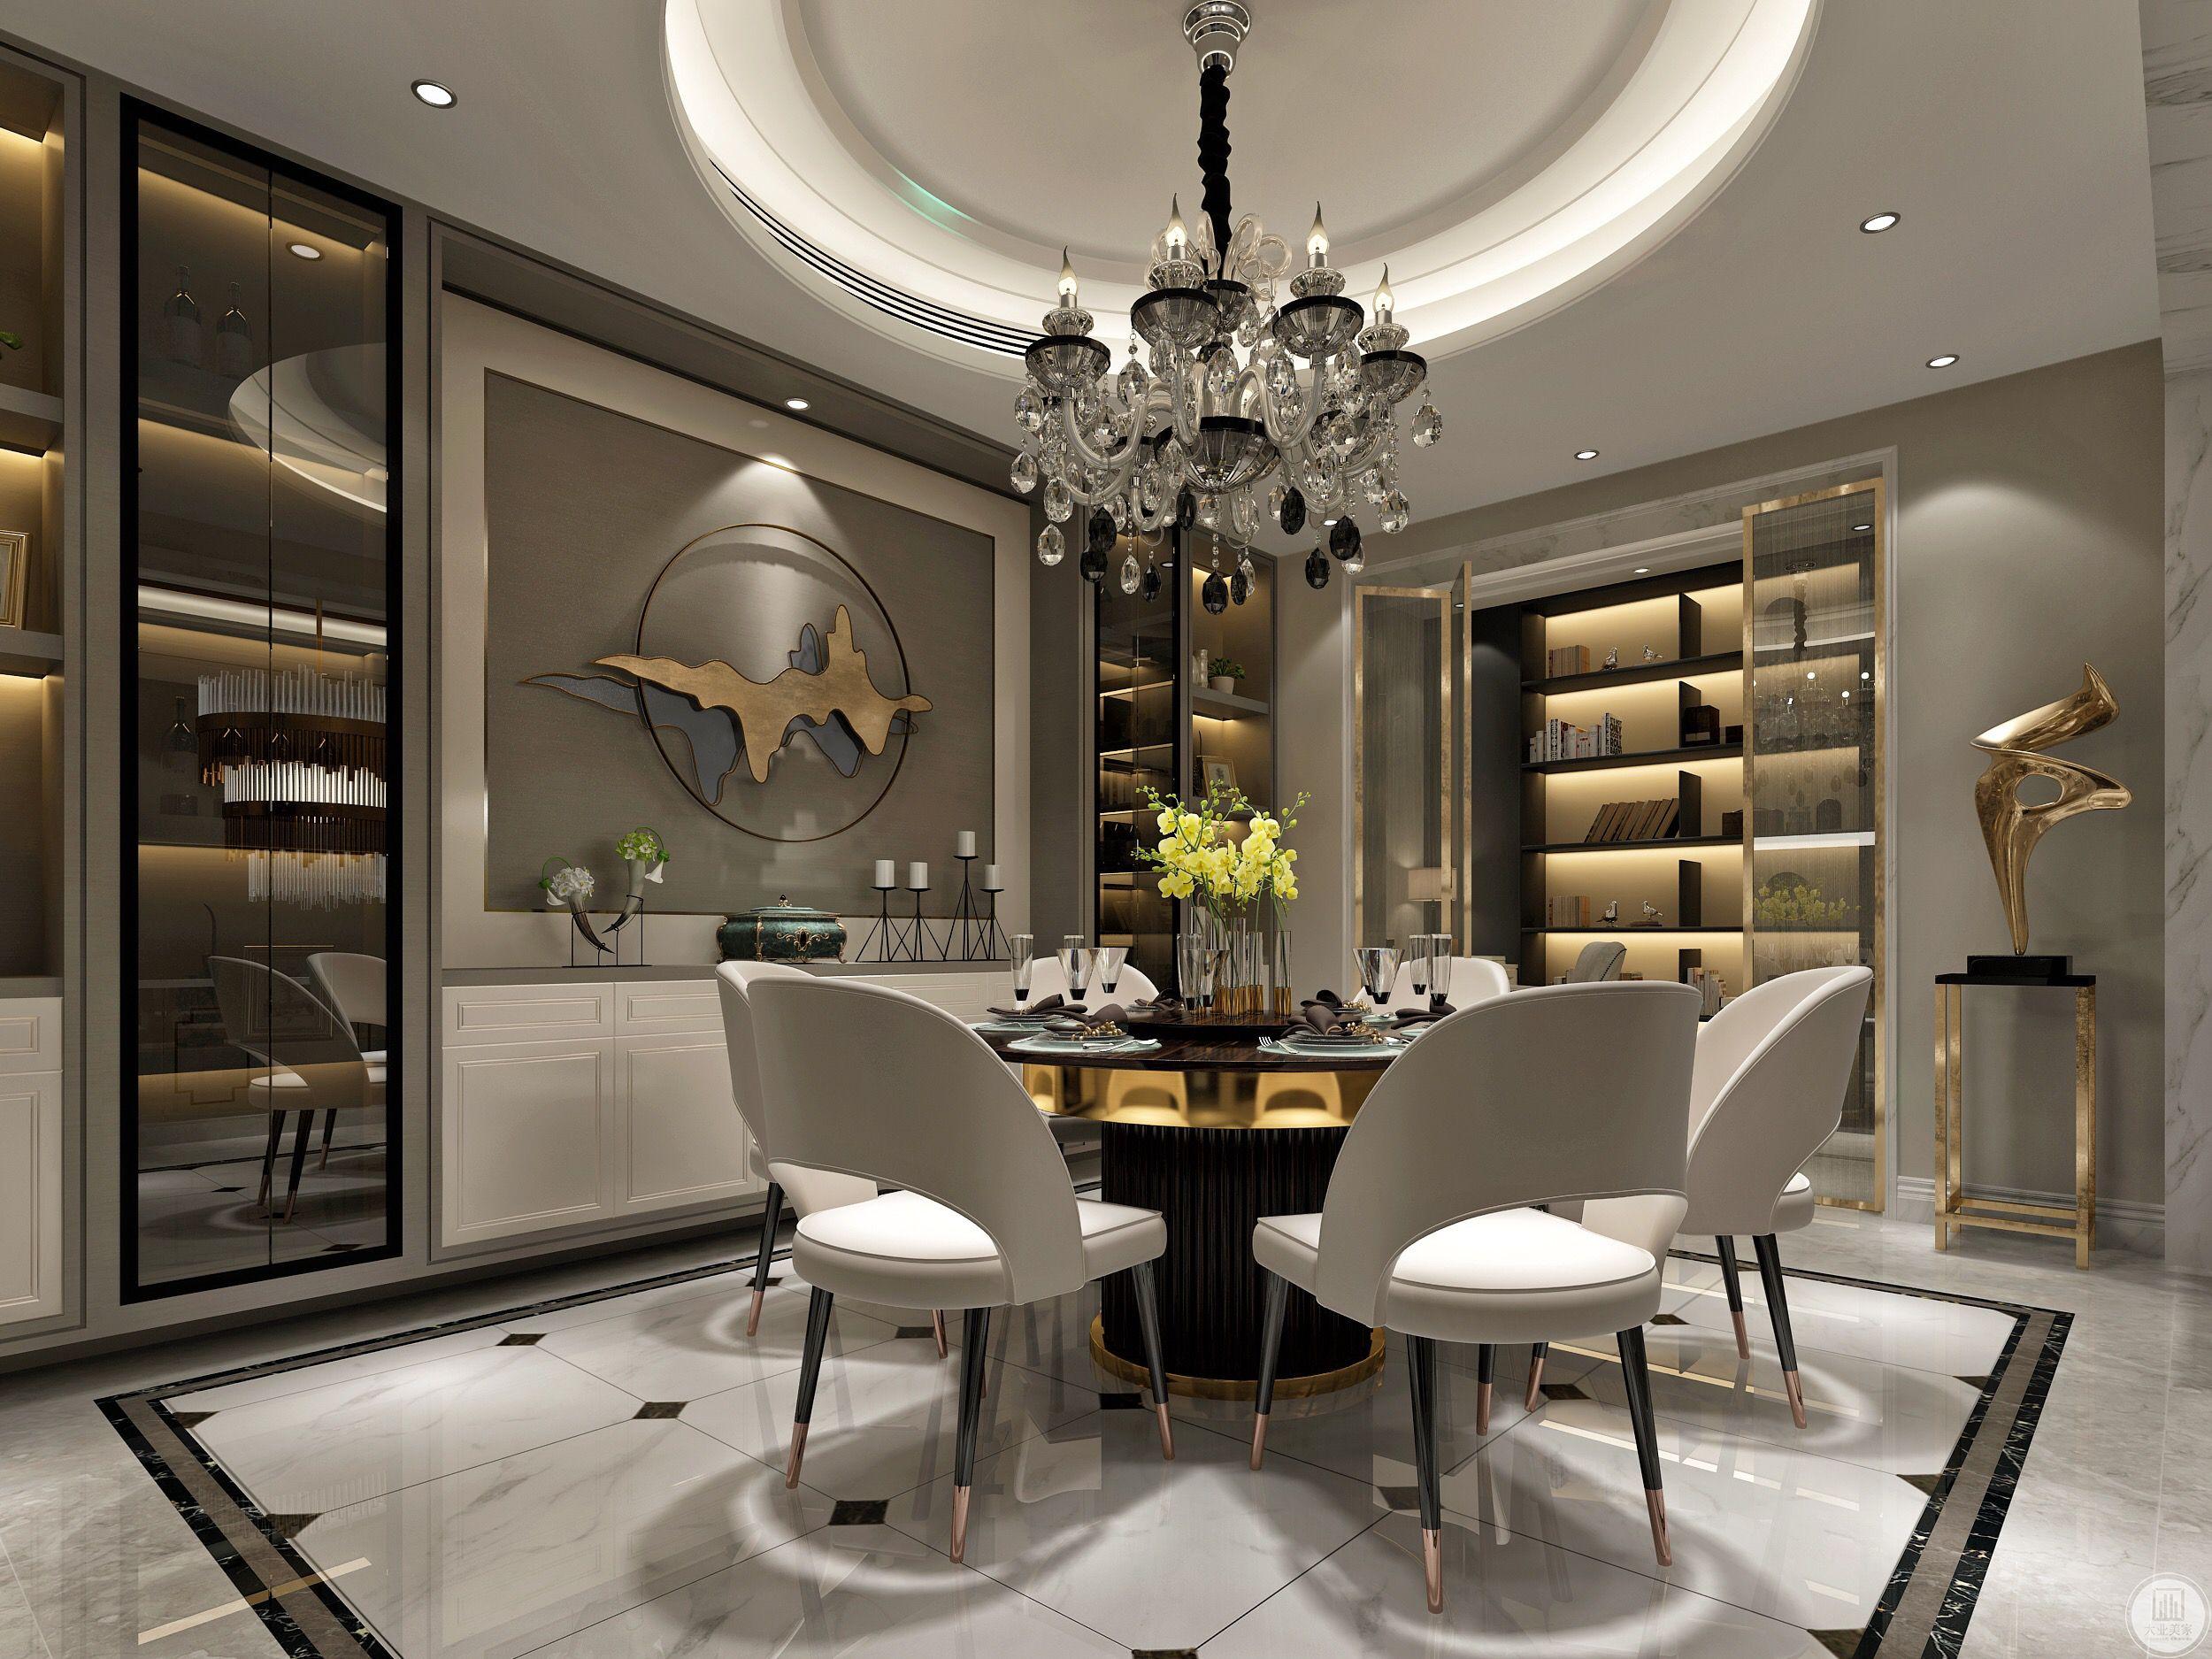 餐厅环形吊灯,搭配豪华的餐座椅,很舒适的用餐氛围。